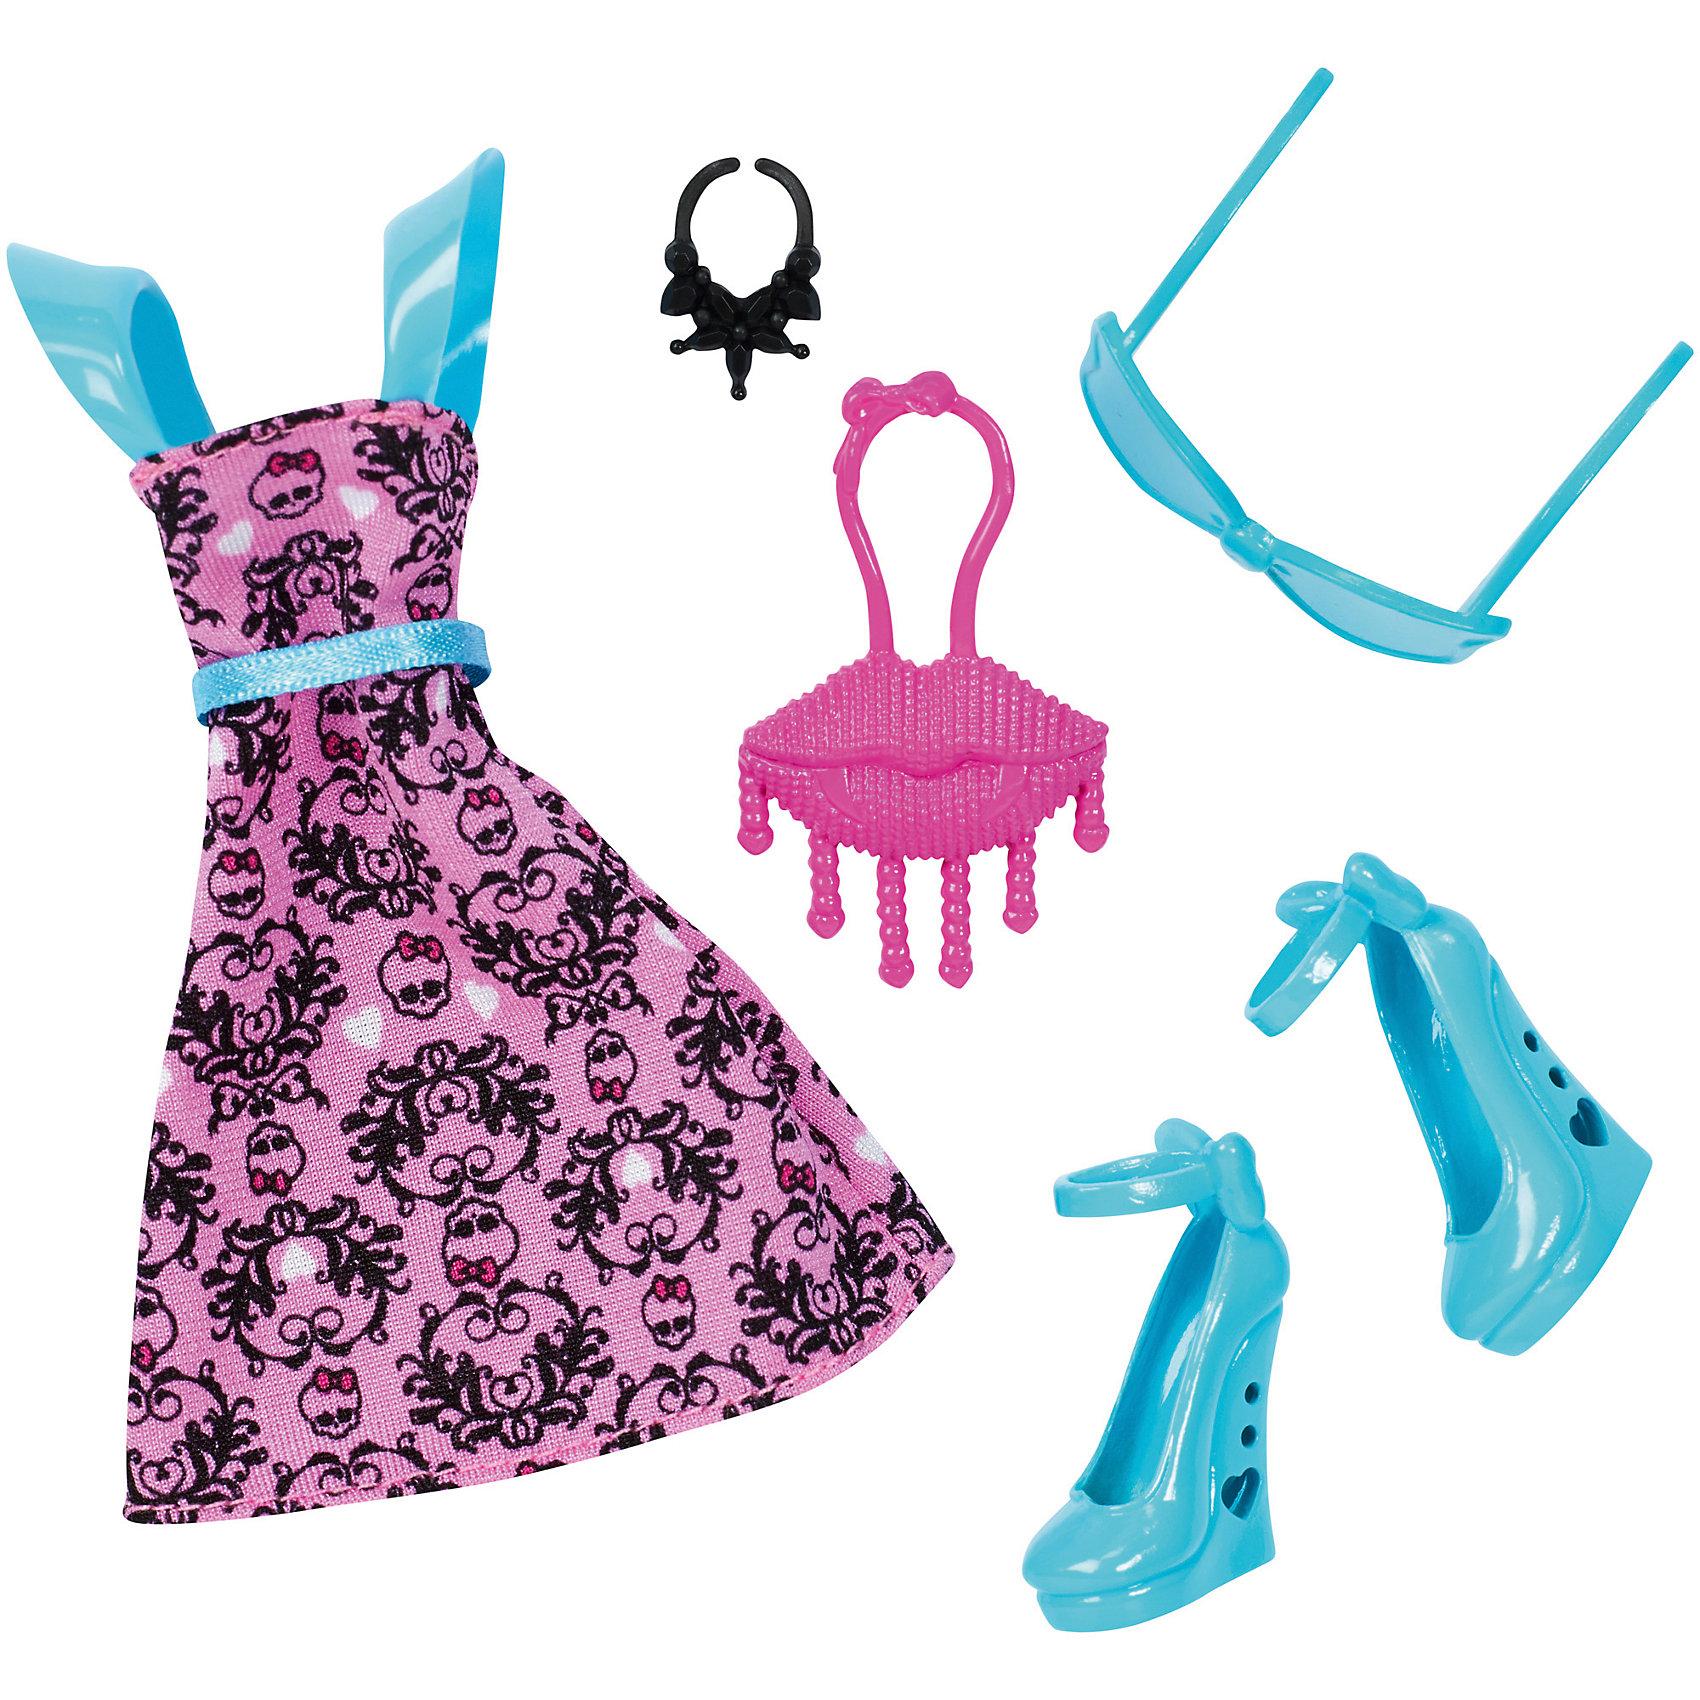 Модные аксессуары, Monster HighНабор модных аксессуаров Monster high поможет нарядить куклу в красивый наряд. Разнообразие аксессуаров позволит менять образы куклы, отчего играть с ней станет еще интереснее. <br>В товар входит:<br>-платье<br>-сумочка<br>-очки<br>-туфли<br>-браслет<br><br>Дополнительная информация:<br>-Товар для девочек<br>-Состав: текстиль, пластик<br>-Марка: Mattel<br><br>Ширина мм: 15<br>Глубина мм: 115<br>Высота мм: 255<br>Вес г: 62<br>Возраст от месяцев: 72<br>Возраст до месяцев: 144<br>Пол: Женский<br>Возраст: Детский<br>SKU: 4973479